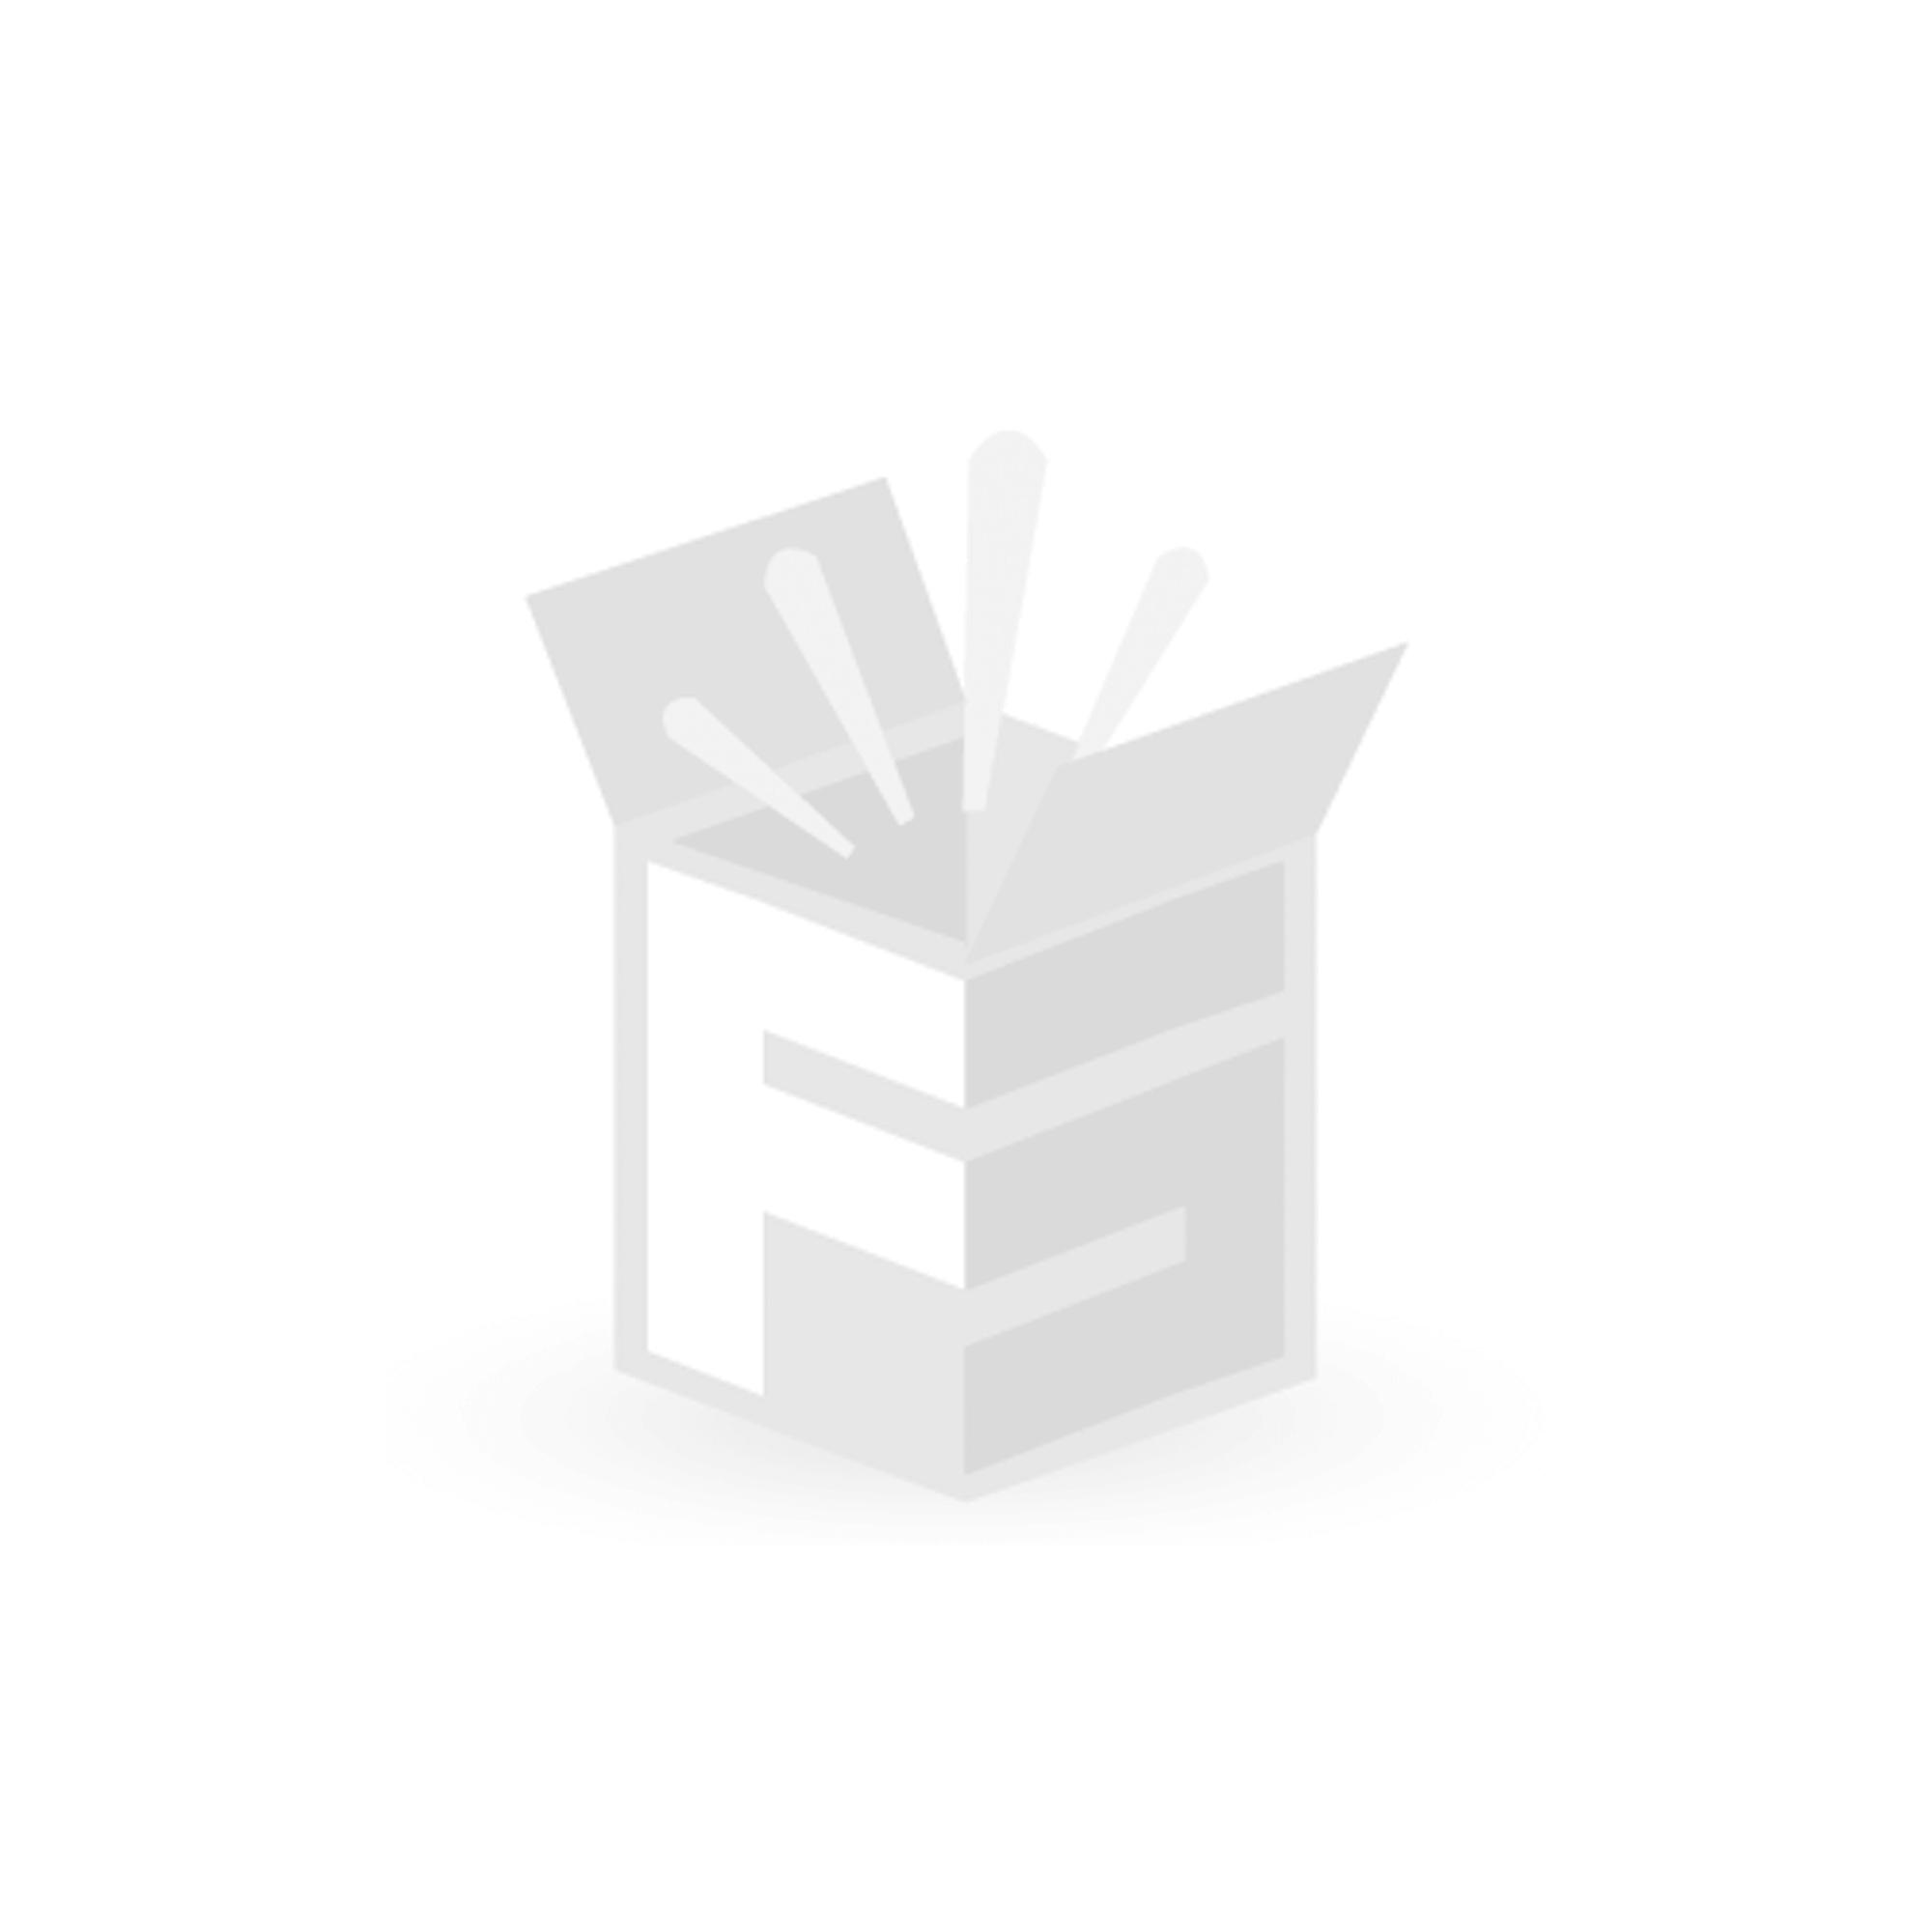 Gutschein für den Frankenspaltershop in Buchs CHF 100.00